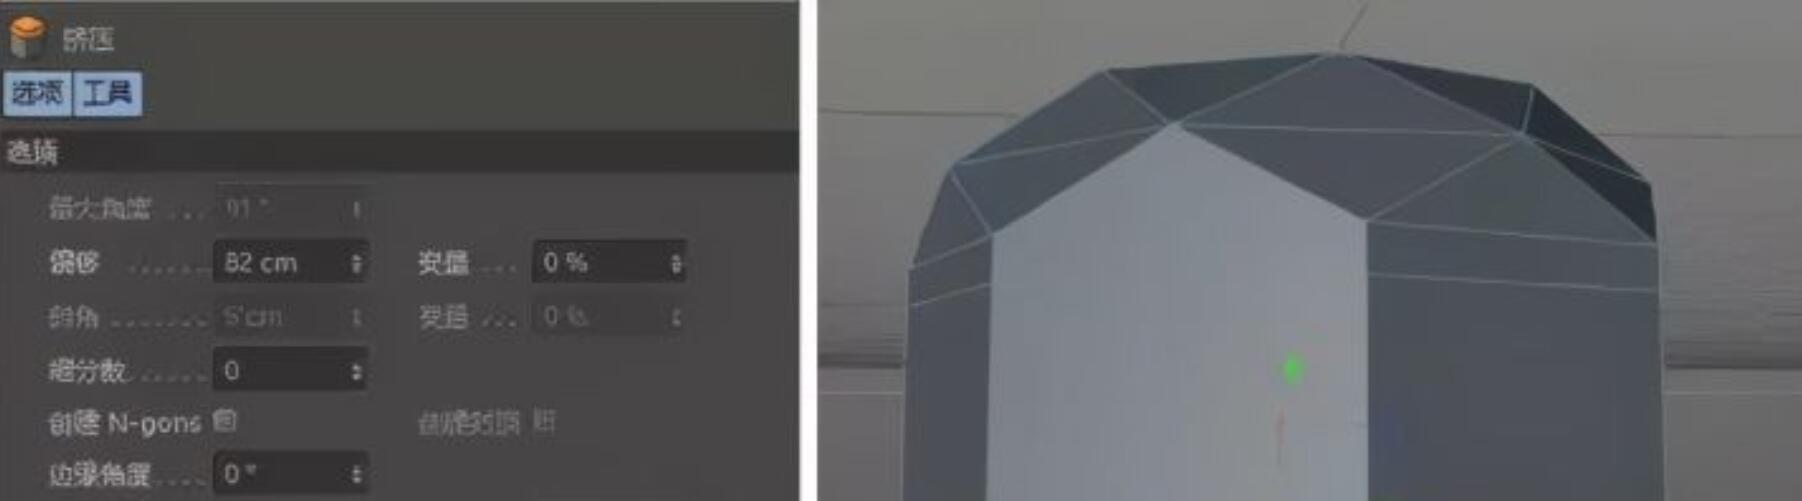 待改-C4D用材质和渲染焦散制作钻石建模(8)